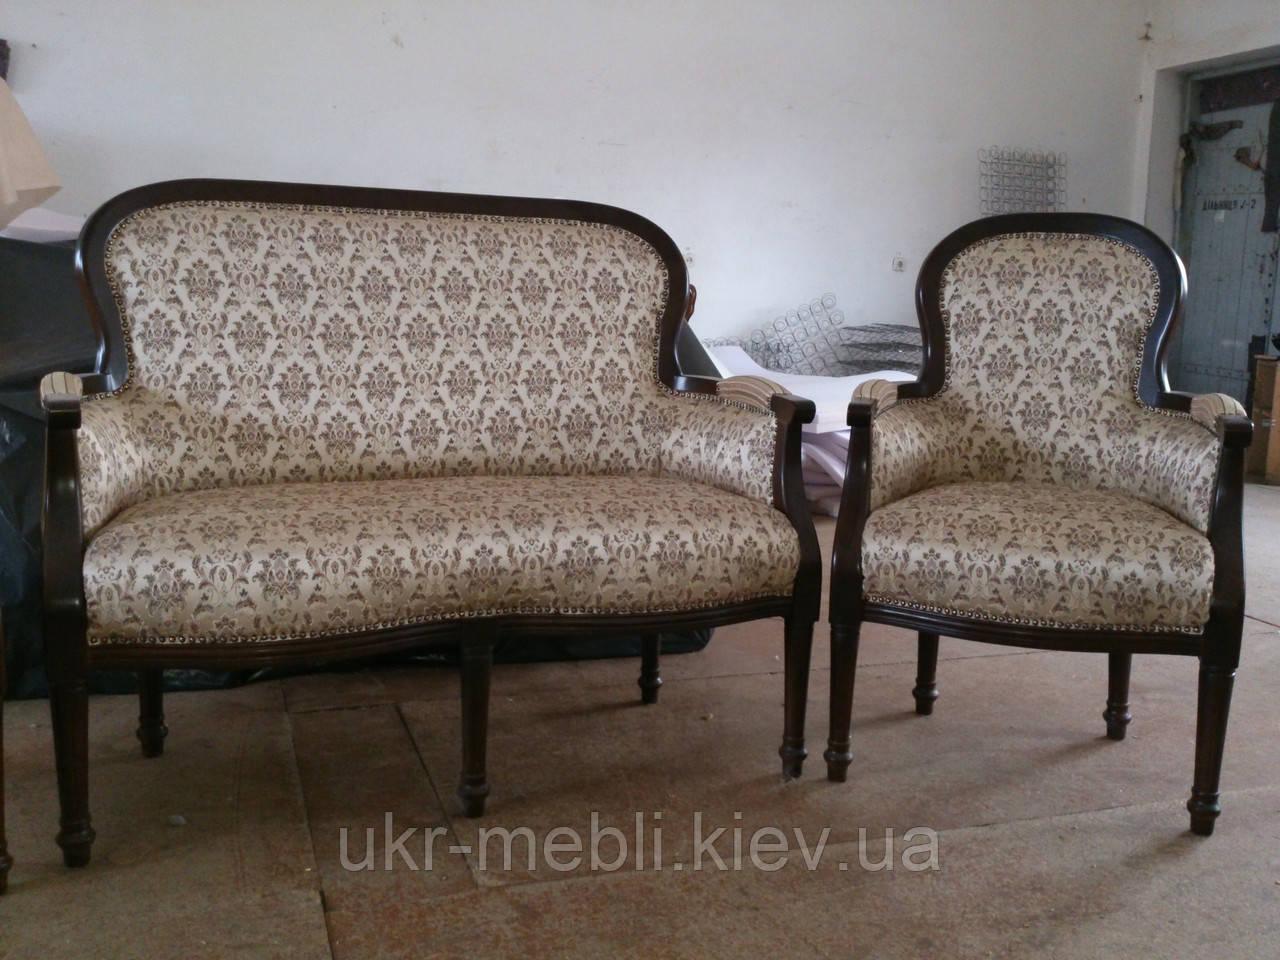 Кресло для отдыха из дерева Элит Лавка.